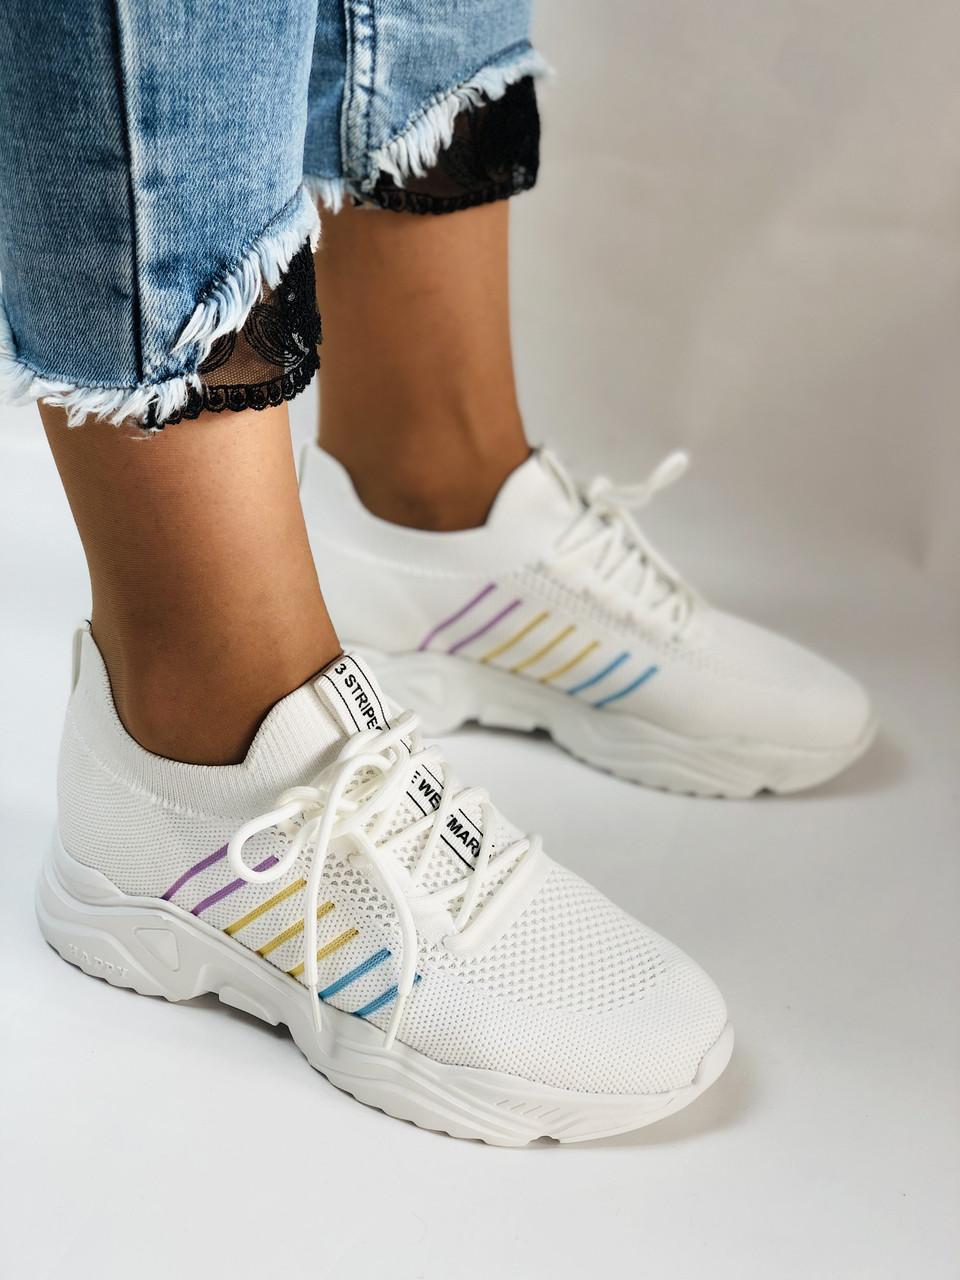 Стильные женские кеды-кроссовки белые. Вязанный текстиль с сеткой. Размер. 36.37.38 39.40